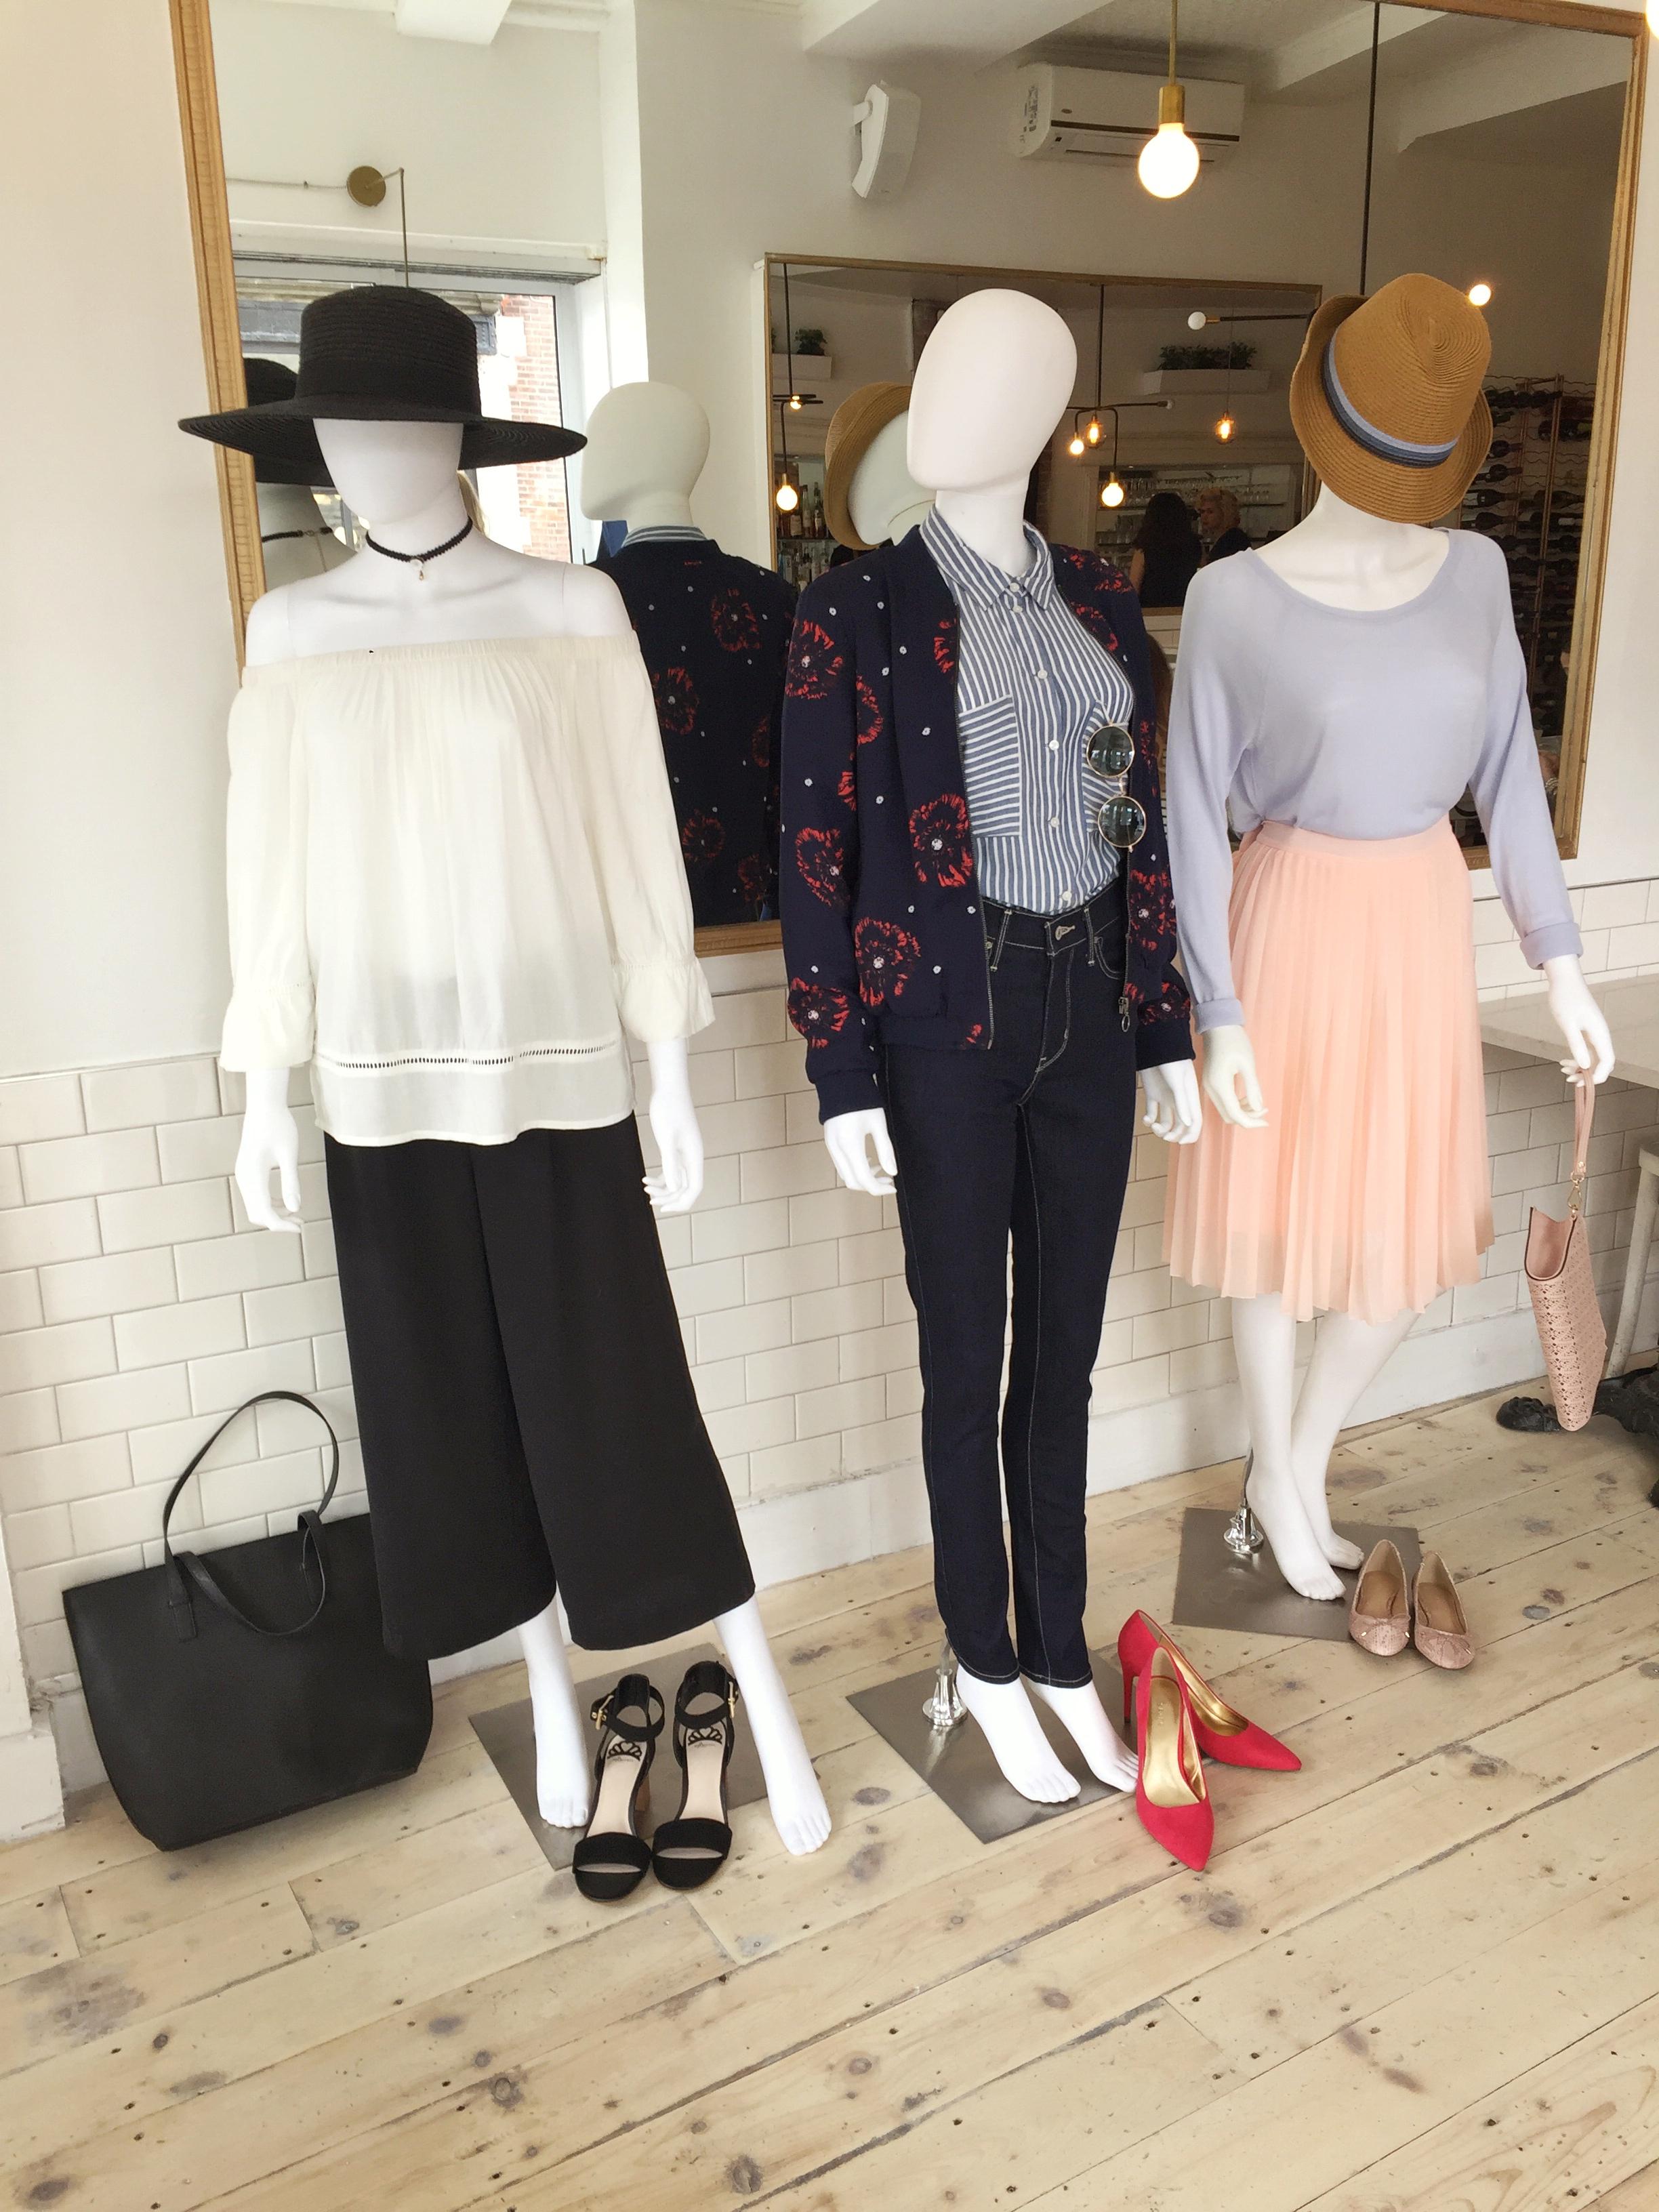 La très belle collection tendance printemps-été de chez Sears, telle qu'elle nous a été présentée à un chouette événement auquel j'ai été invitée récemment...